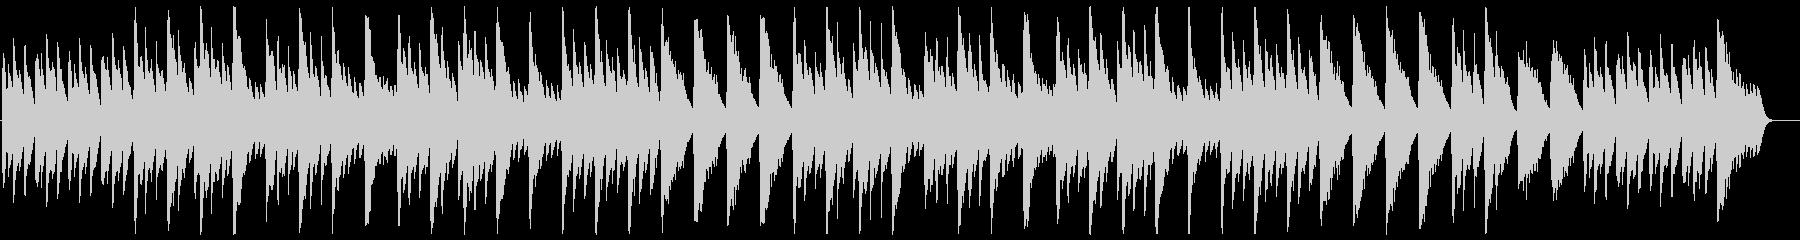 ゆっくりした温かみのあるオルゴールの曲の未再生の波形